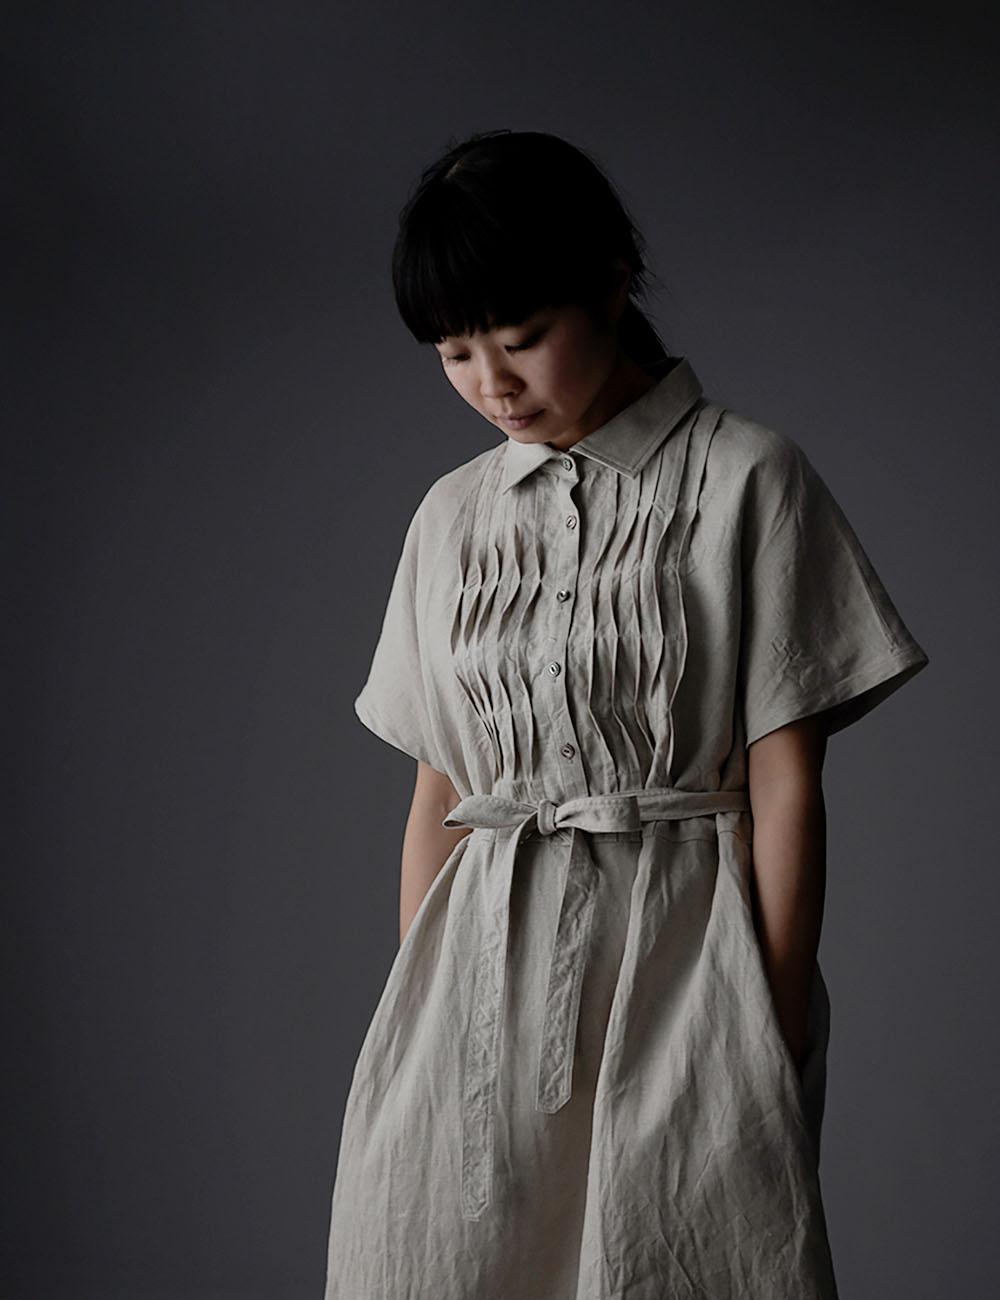 【wafu】Waving pintuck shirt-dress リネン ワンピース 波ピンタック ハンドワッシャー 中厚 / 亜麻ナチュラル a081a-amn2